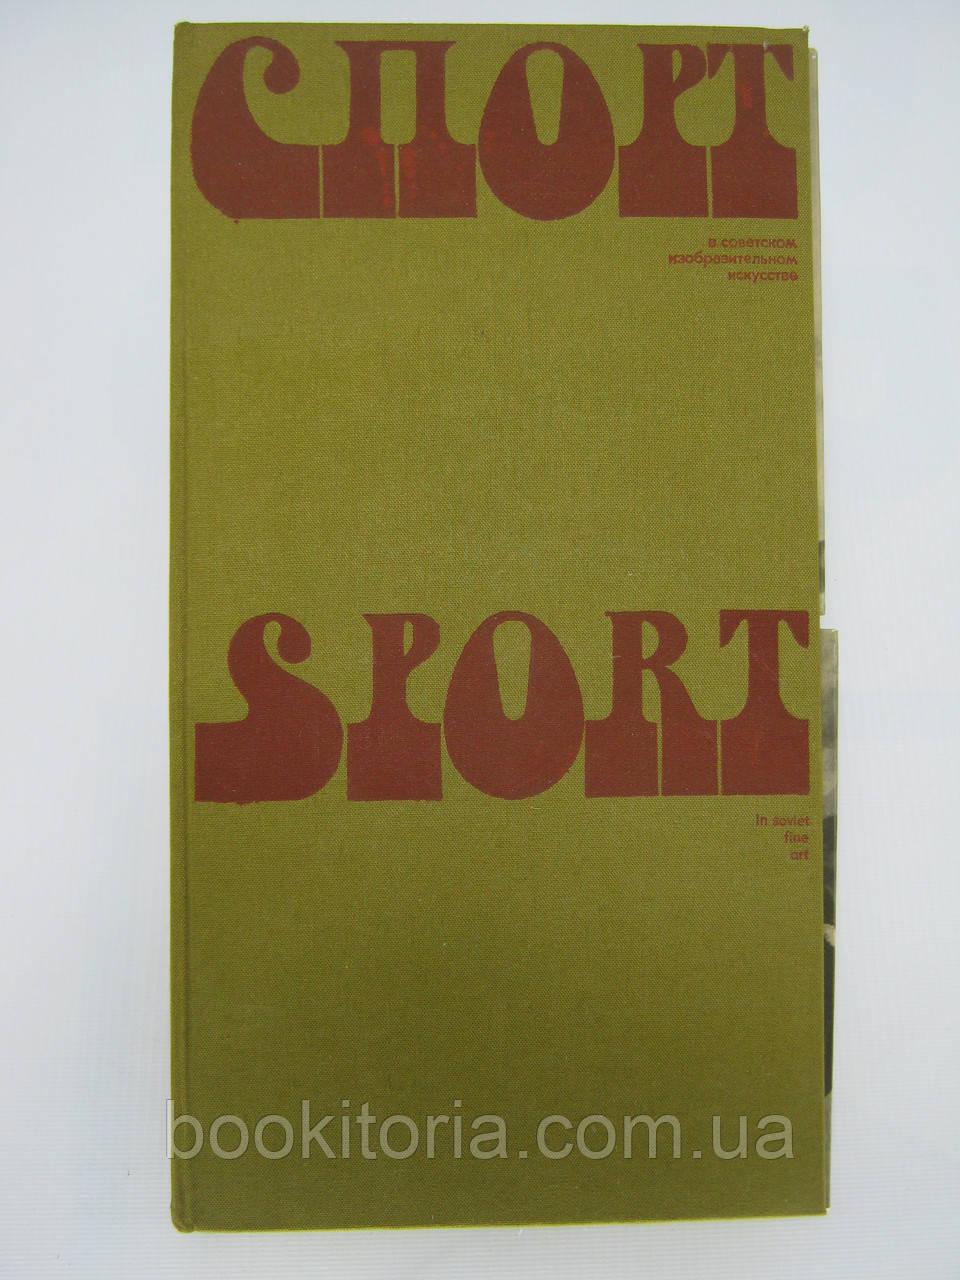 Спорт в советском изобразительном искусстве (б/у).